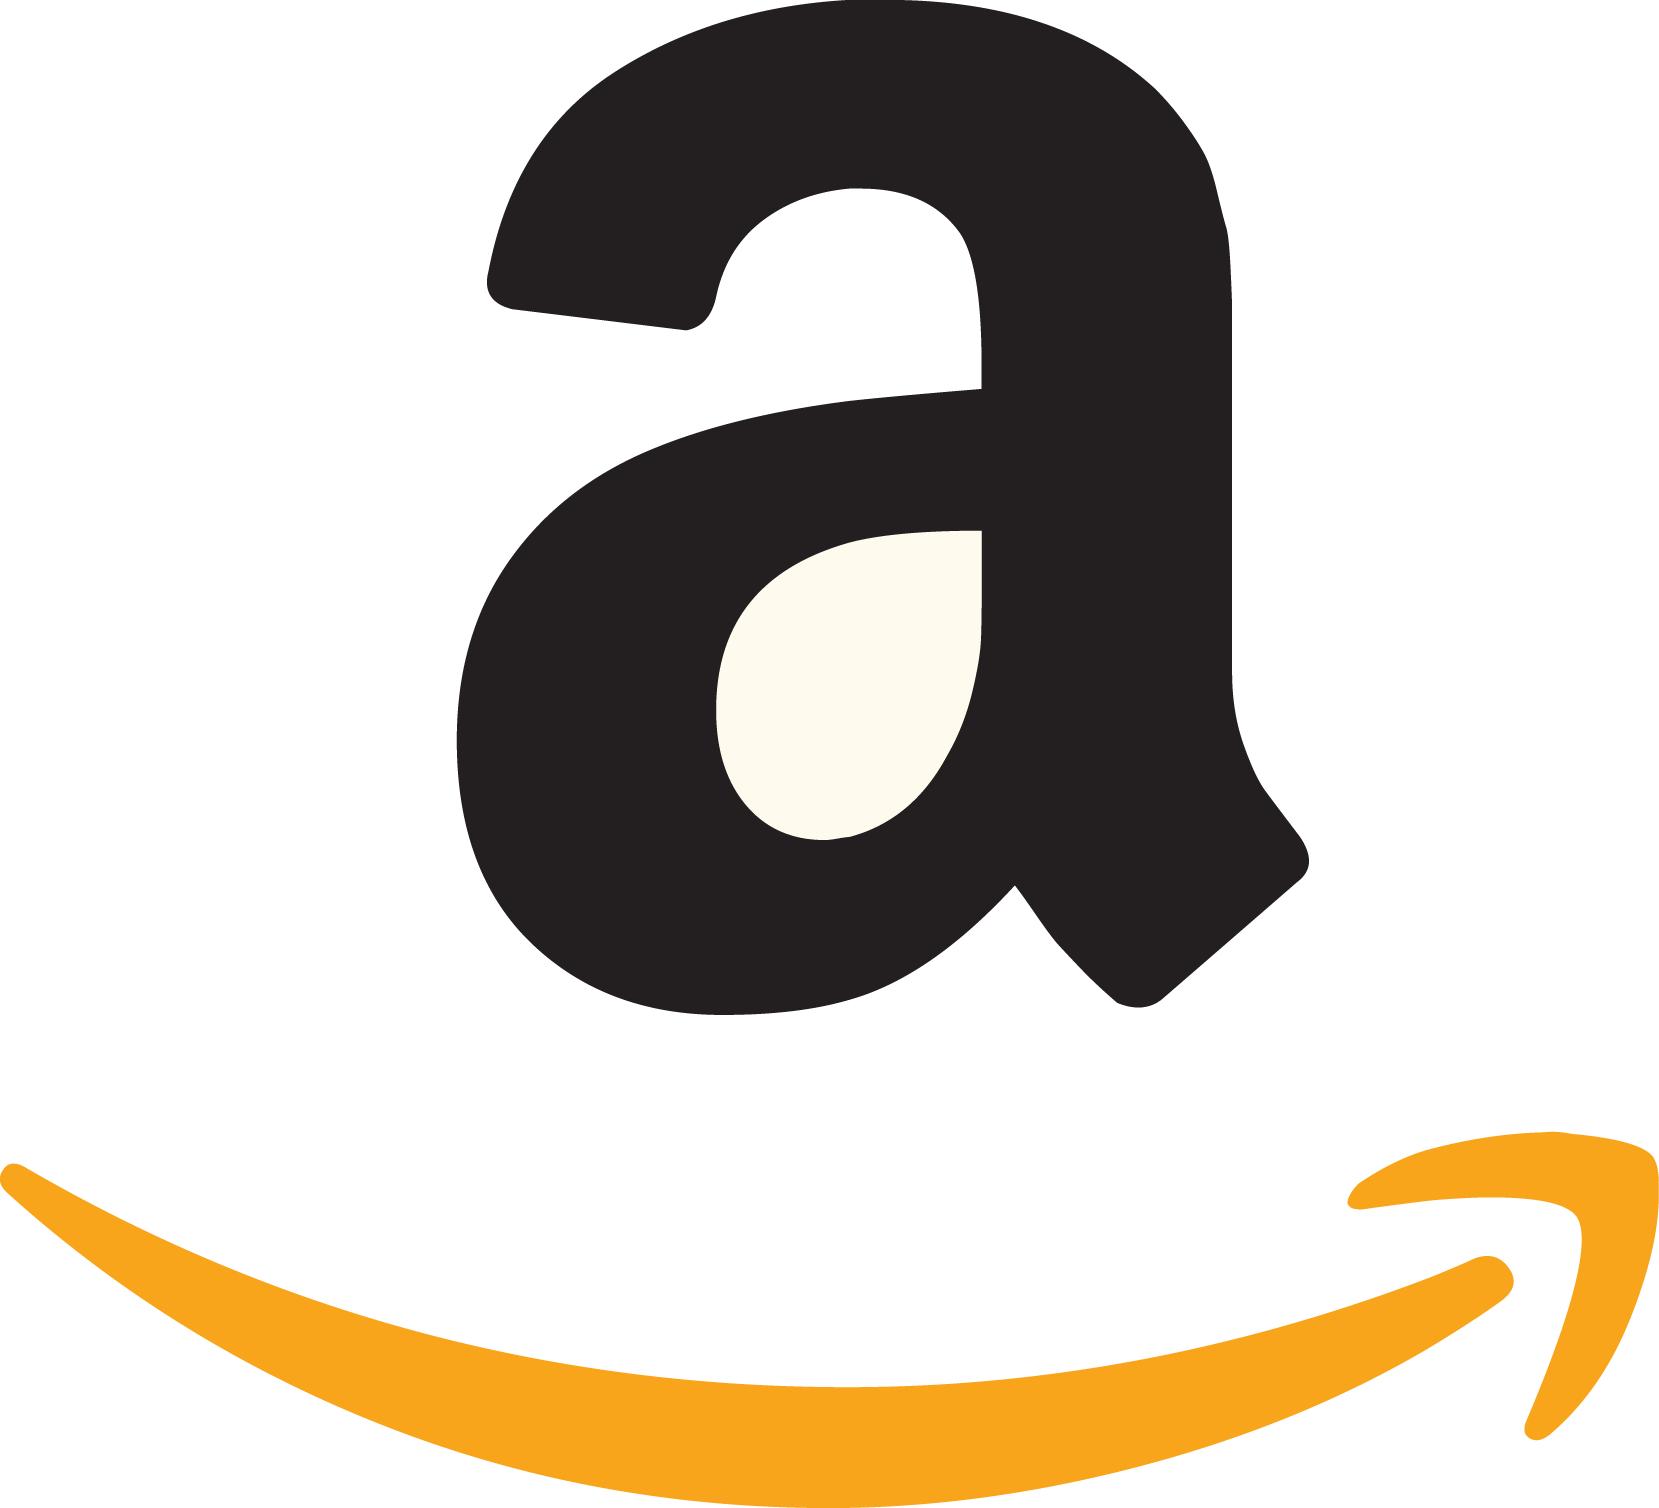 10€ Rabatt ohne MBW (unbegrenzt oft) auf alles bei Amazon durch Spiele-Gutscheinfehler